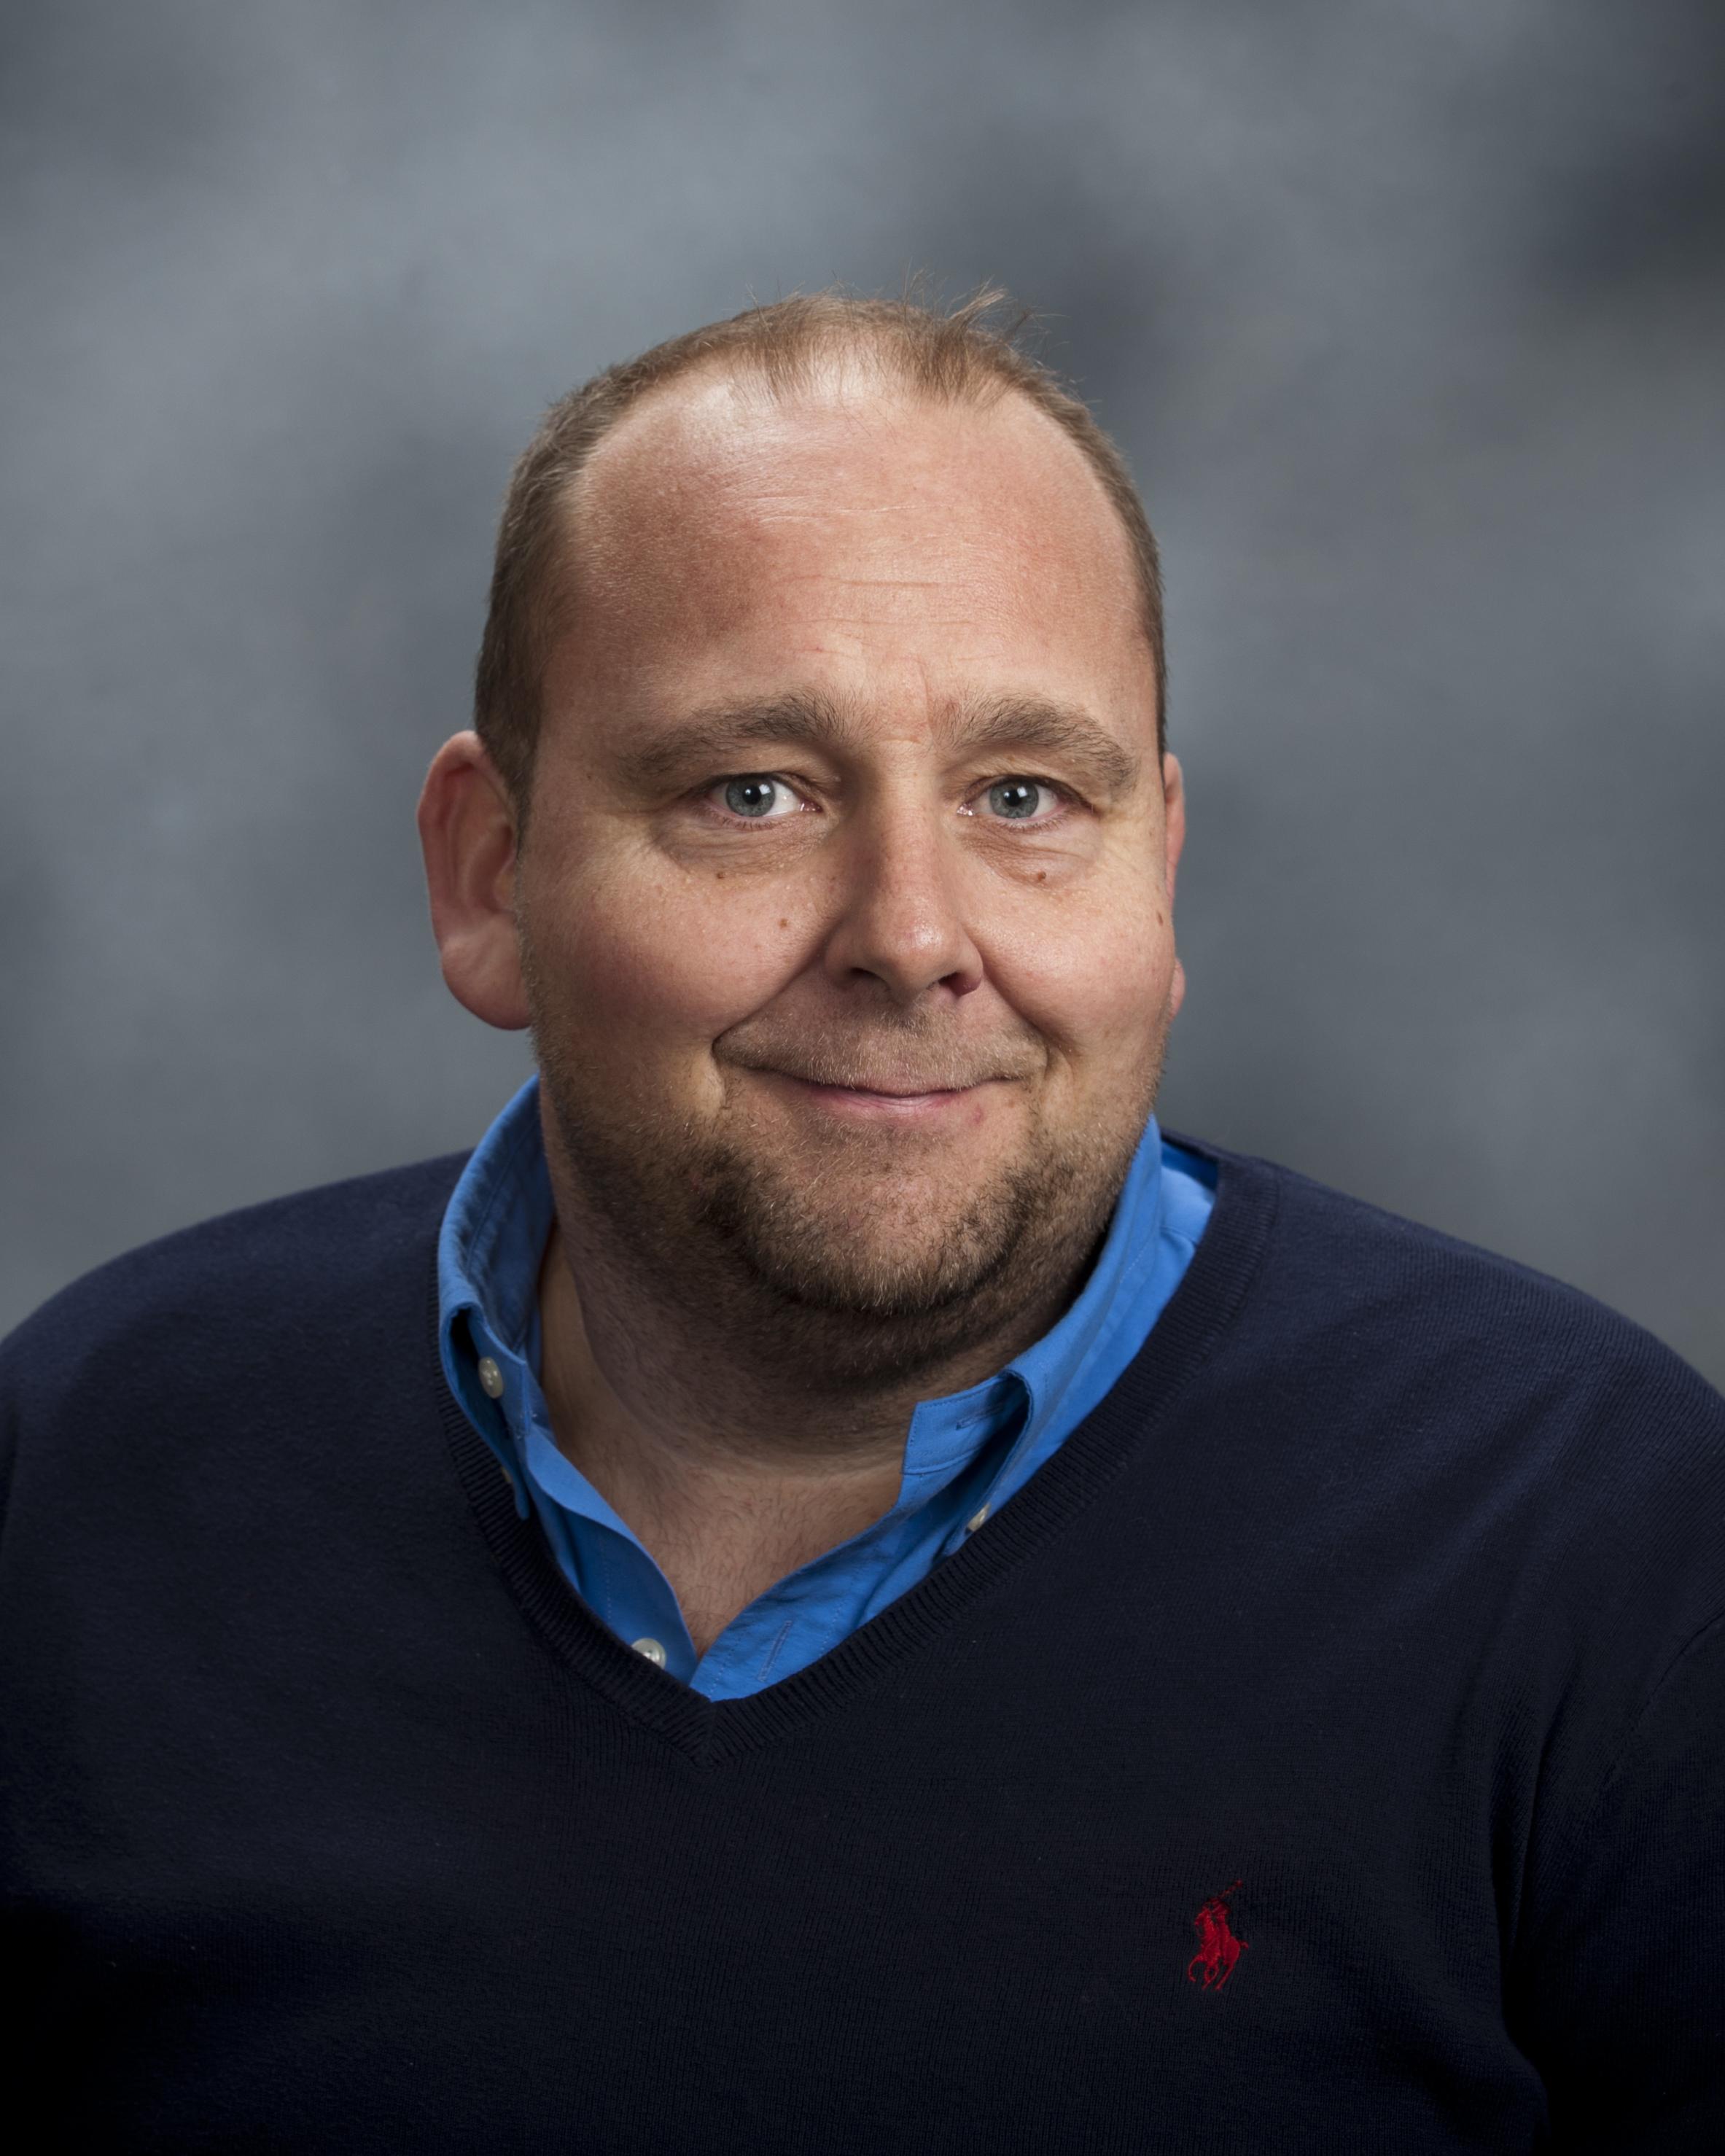 Fredrik Østereng